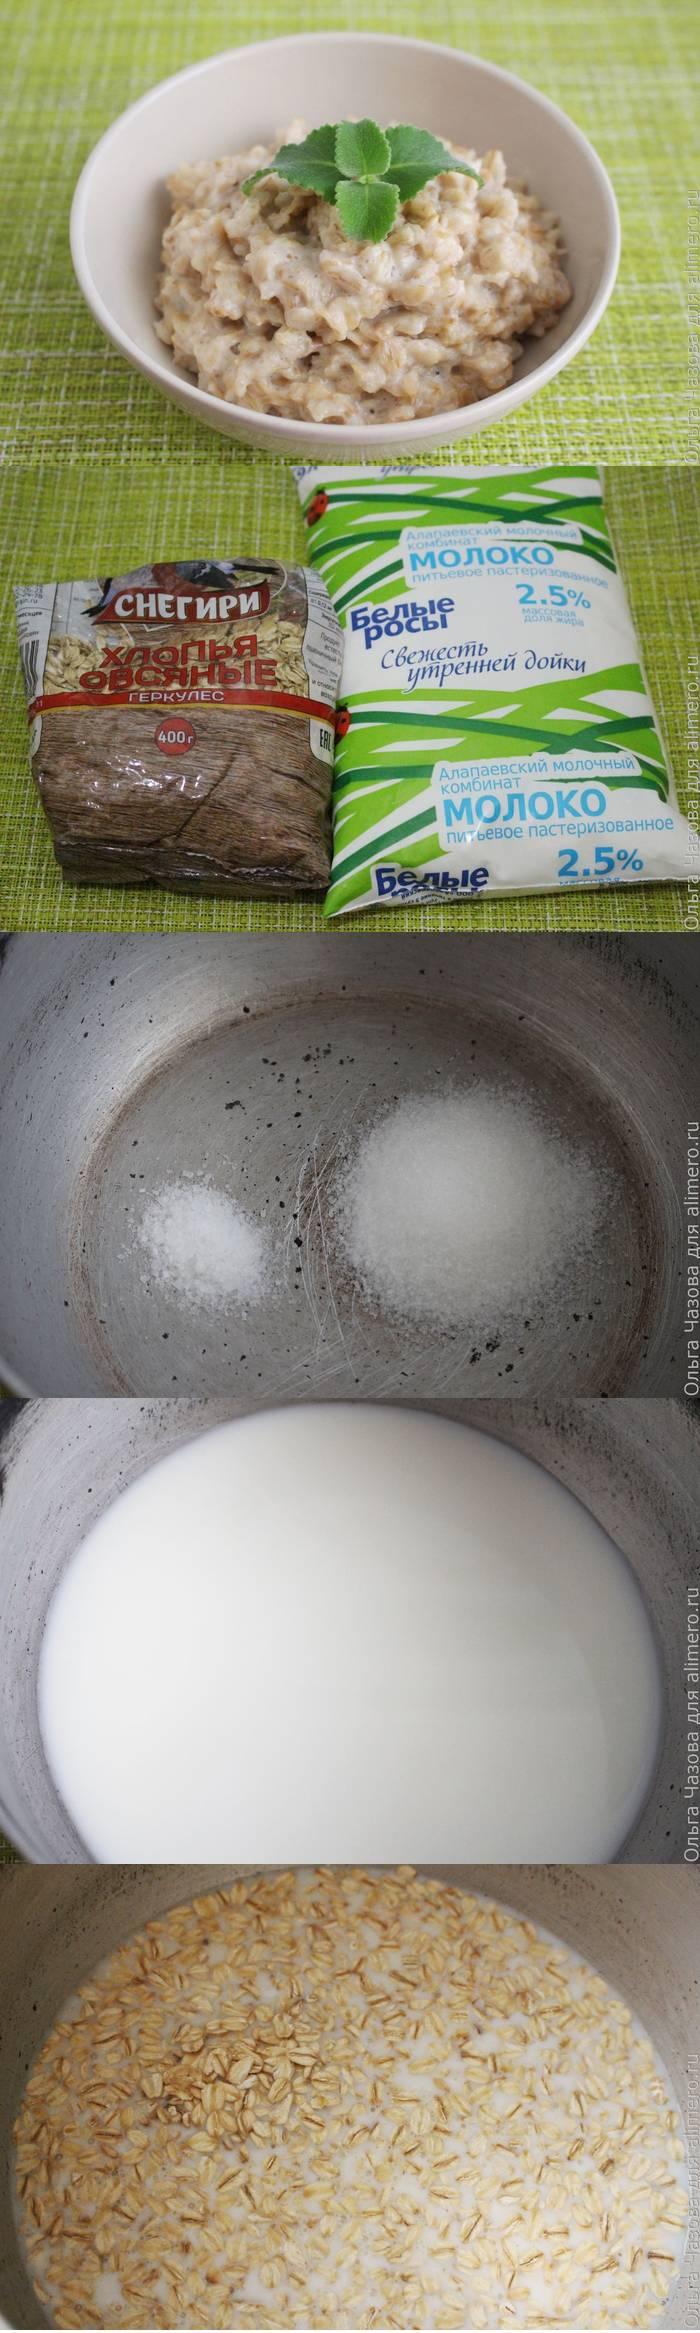 Вкусная геркулесовая каша на молоке